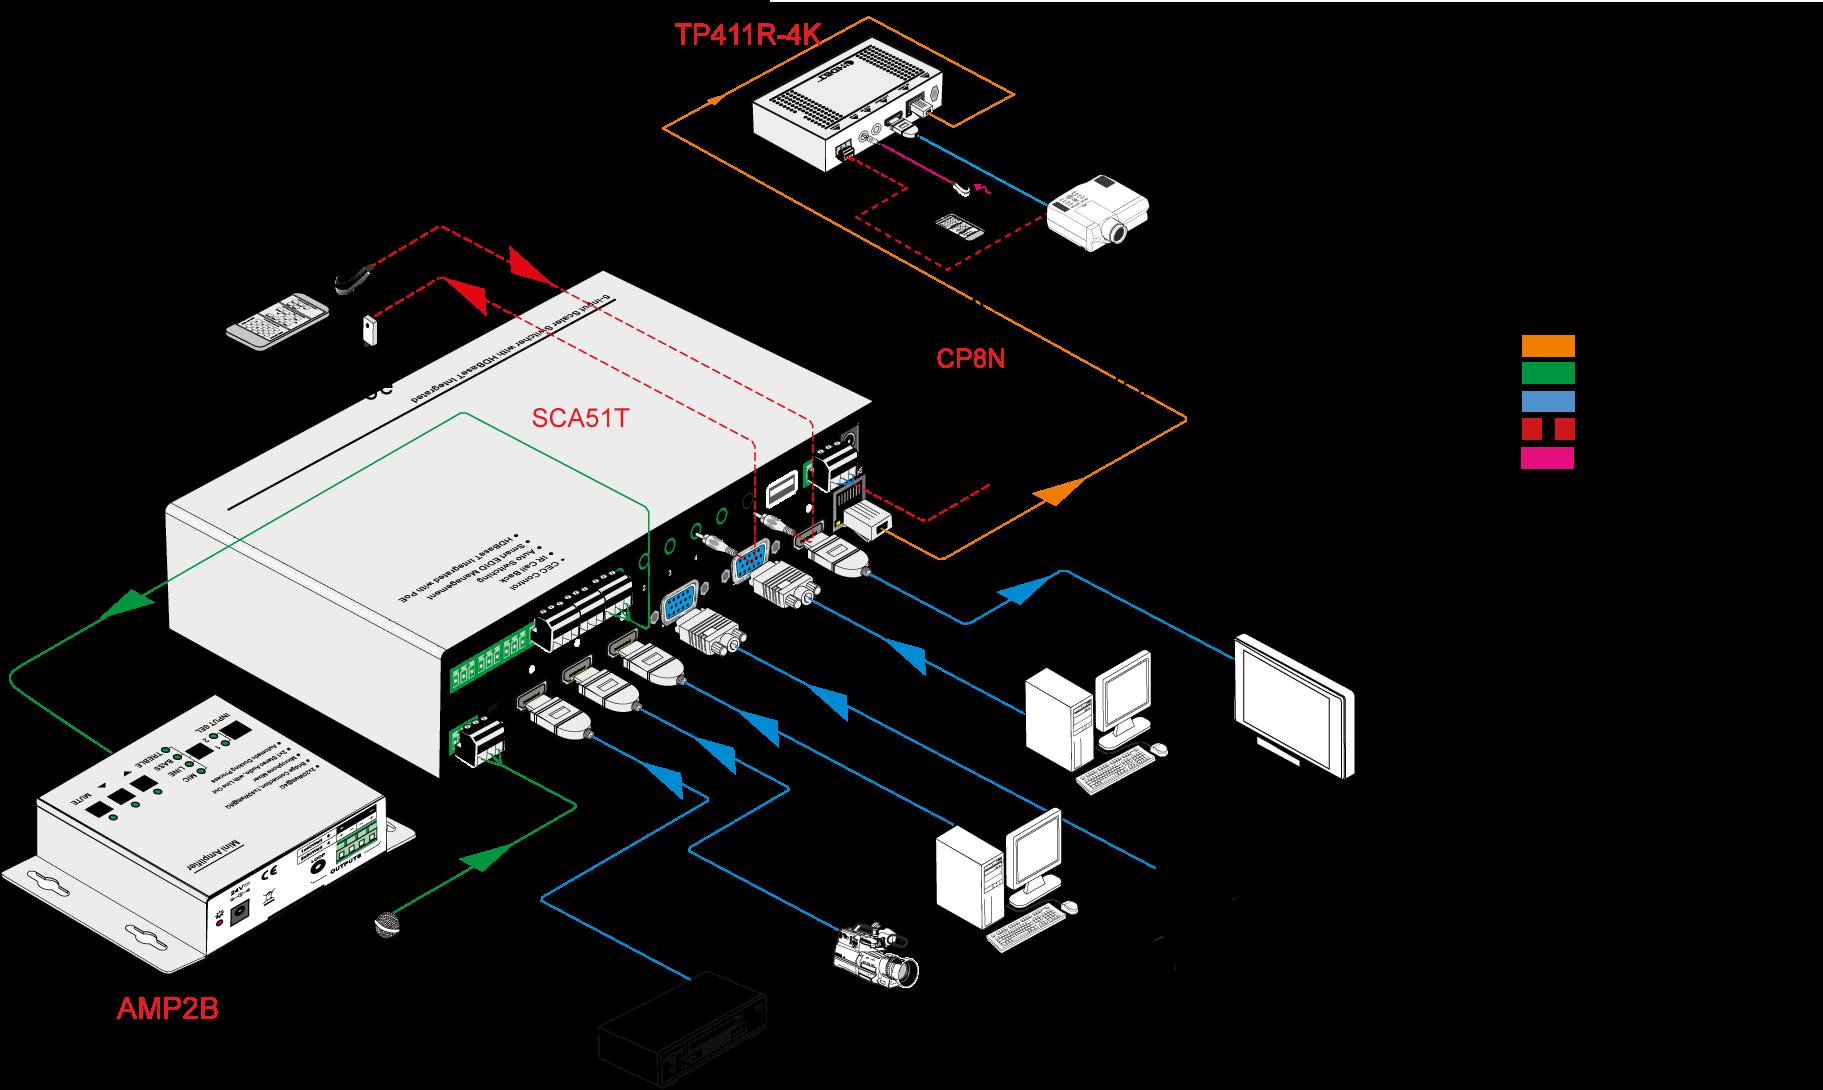 SCA51T | Sélecteur Scaler 5 entrées HDBaseT HDMI 70 mètres